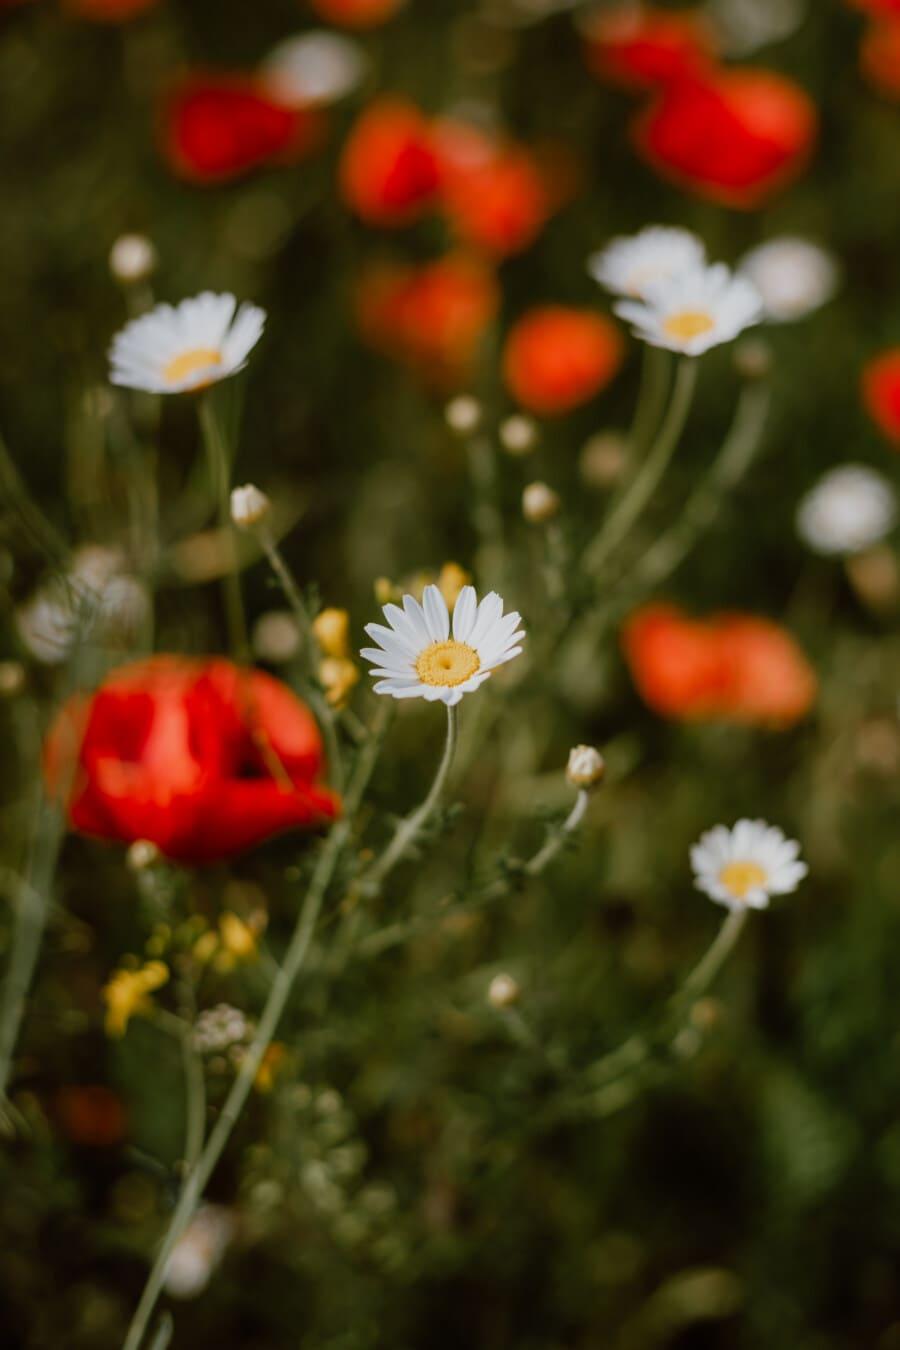 カモミール, ぼかし, ケシ, 間近, 日当たりの良い, 日, 自然, 春, 夏, 工場